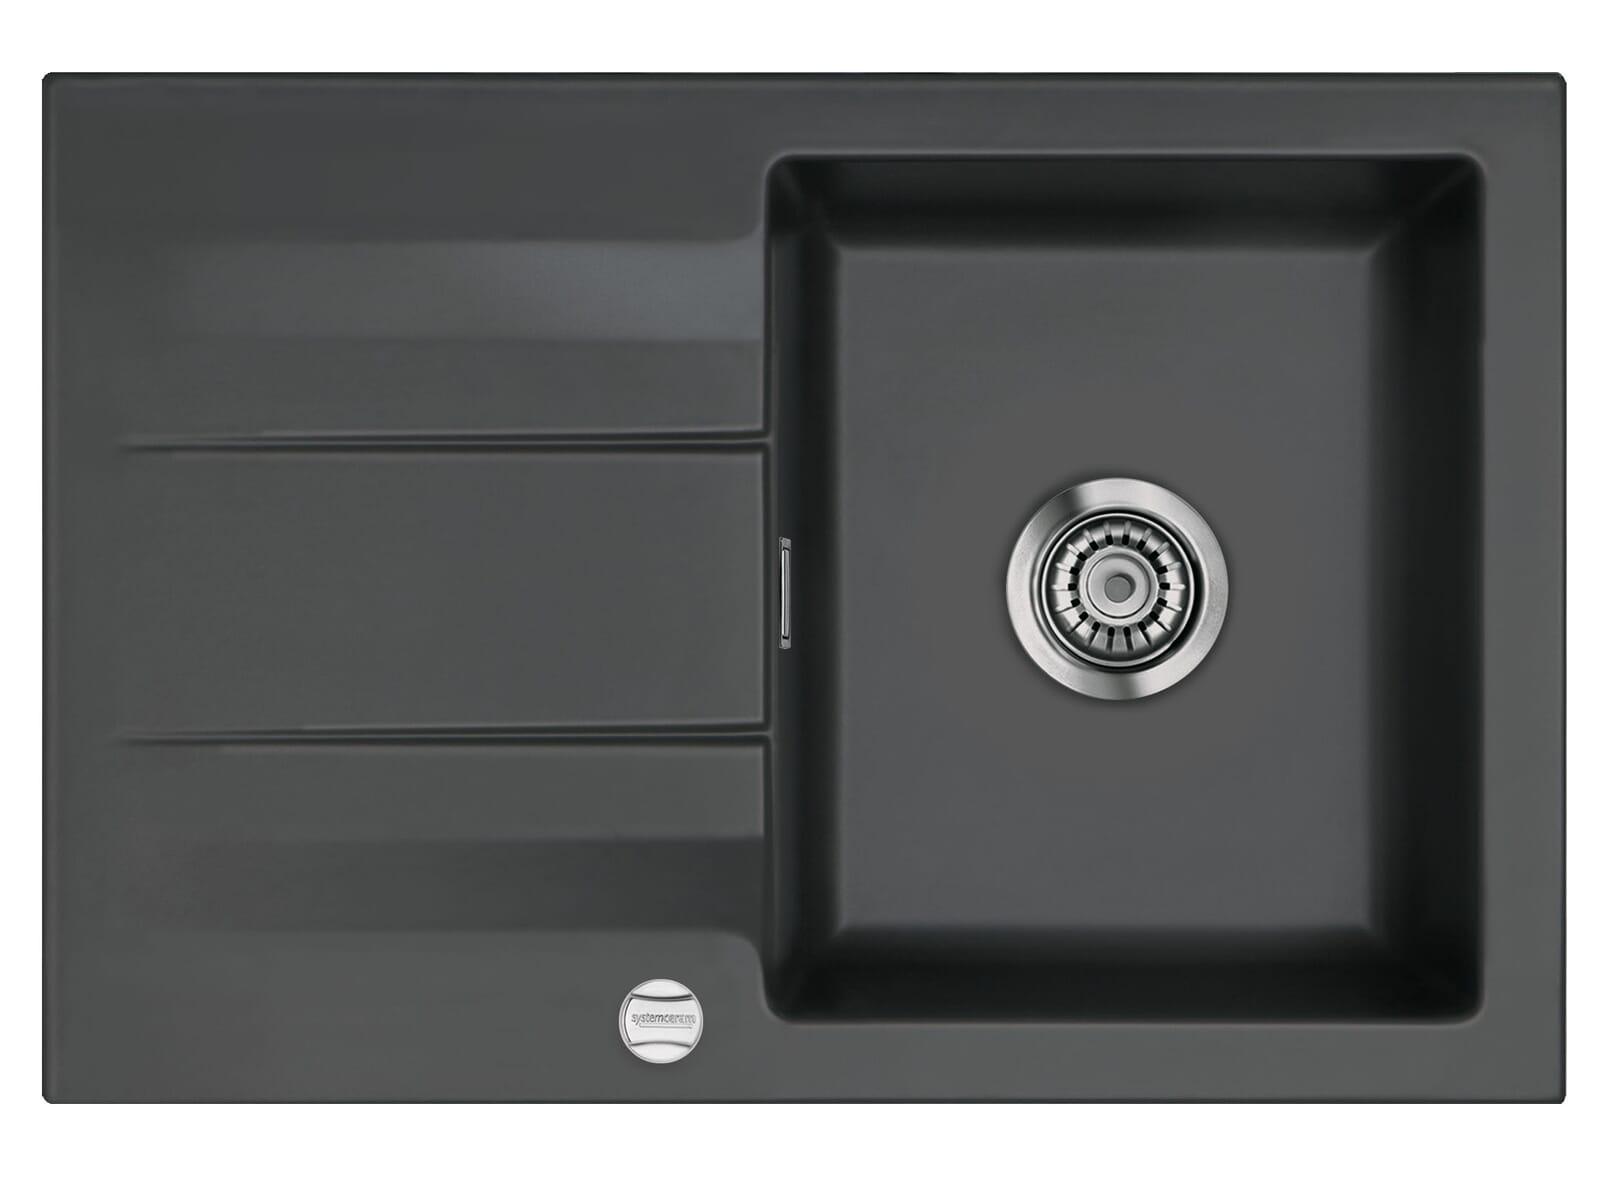 Systemceram Genea 75 Schiefer Keramikspüle Excenterbetätigung